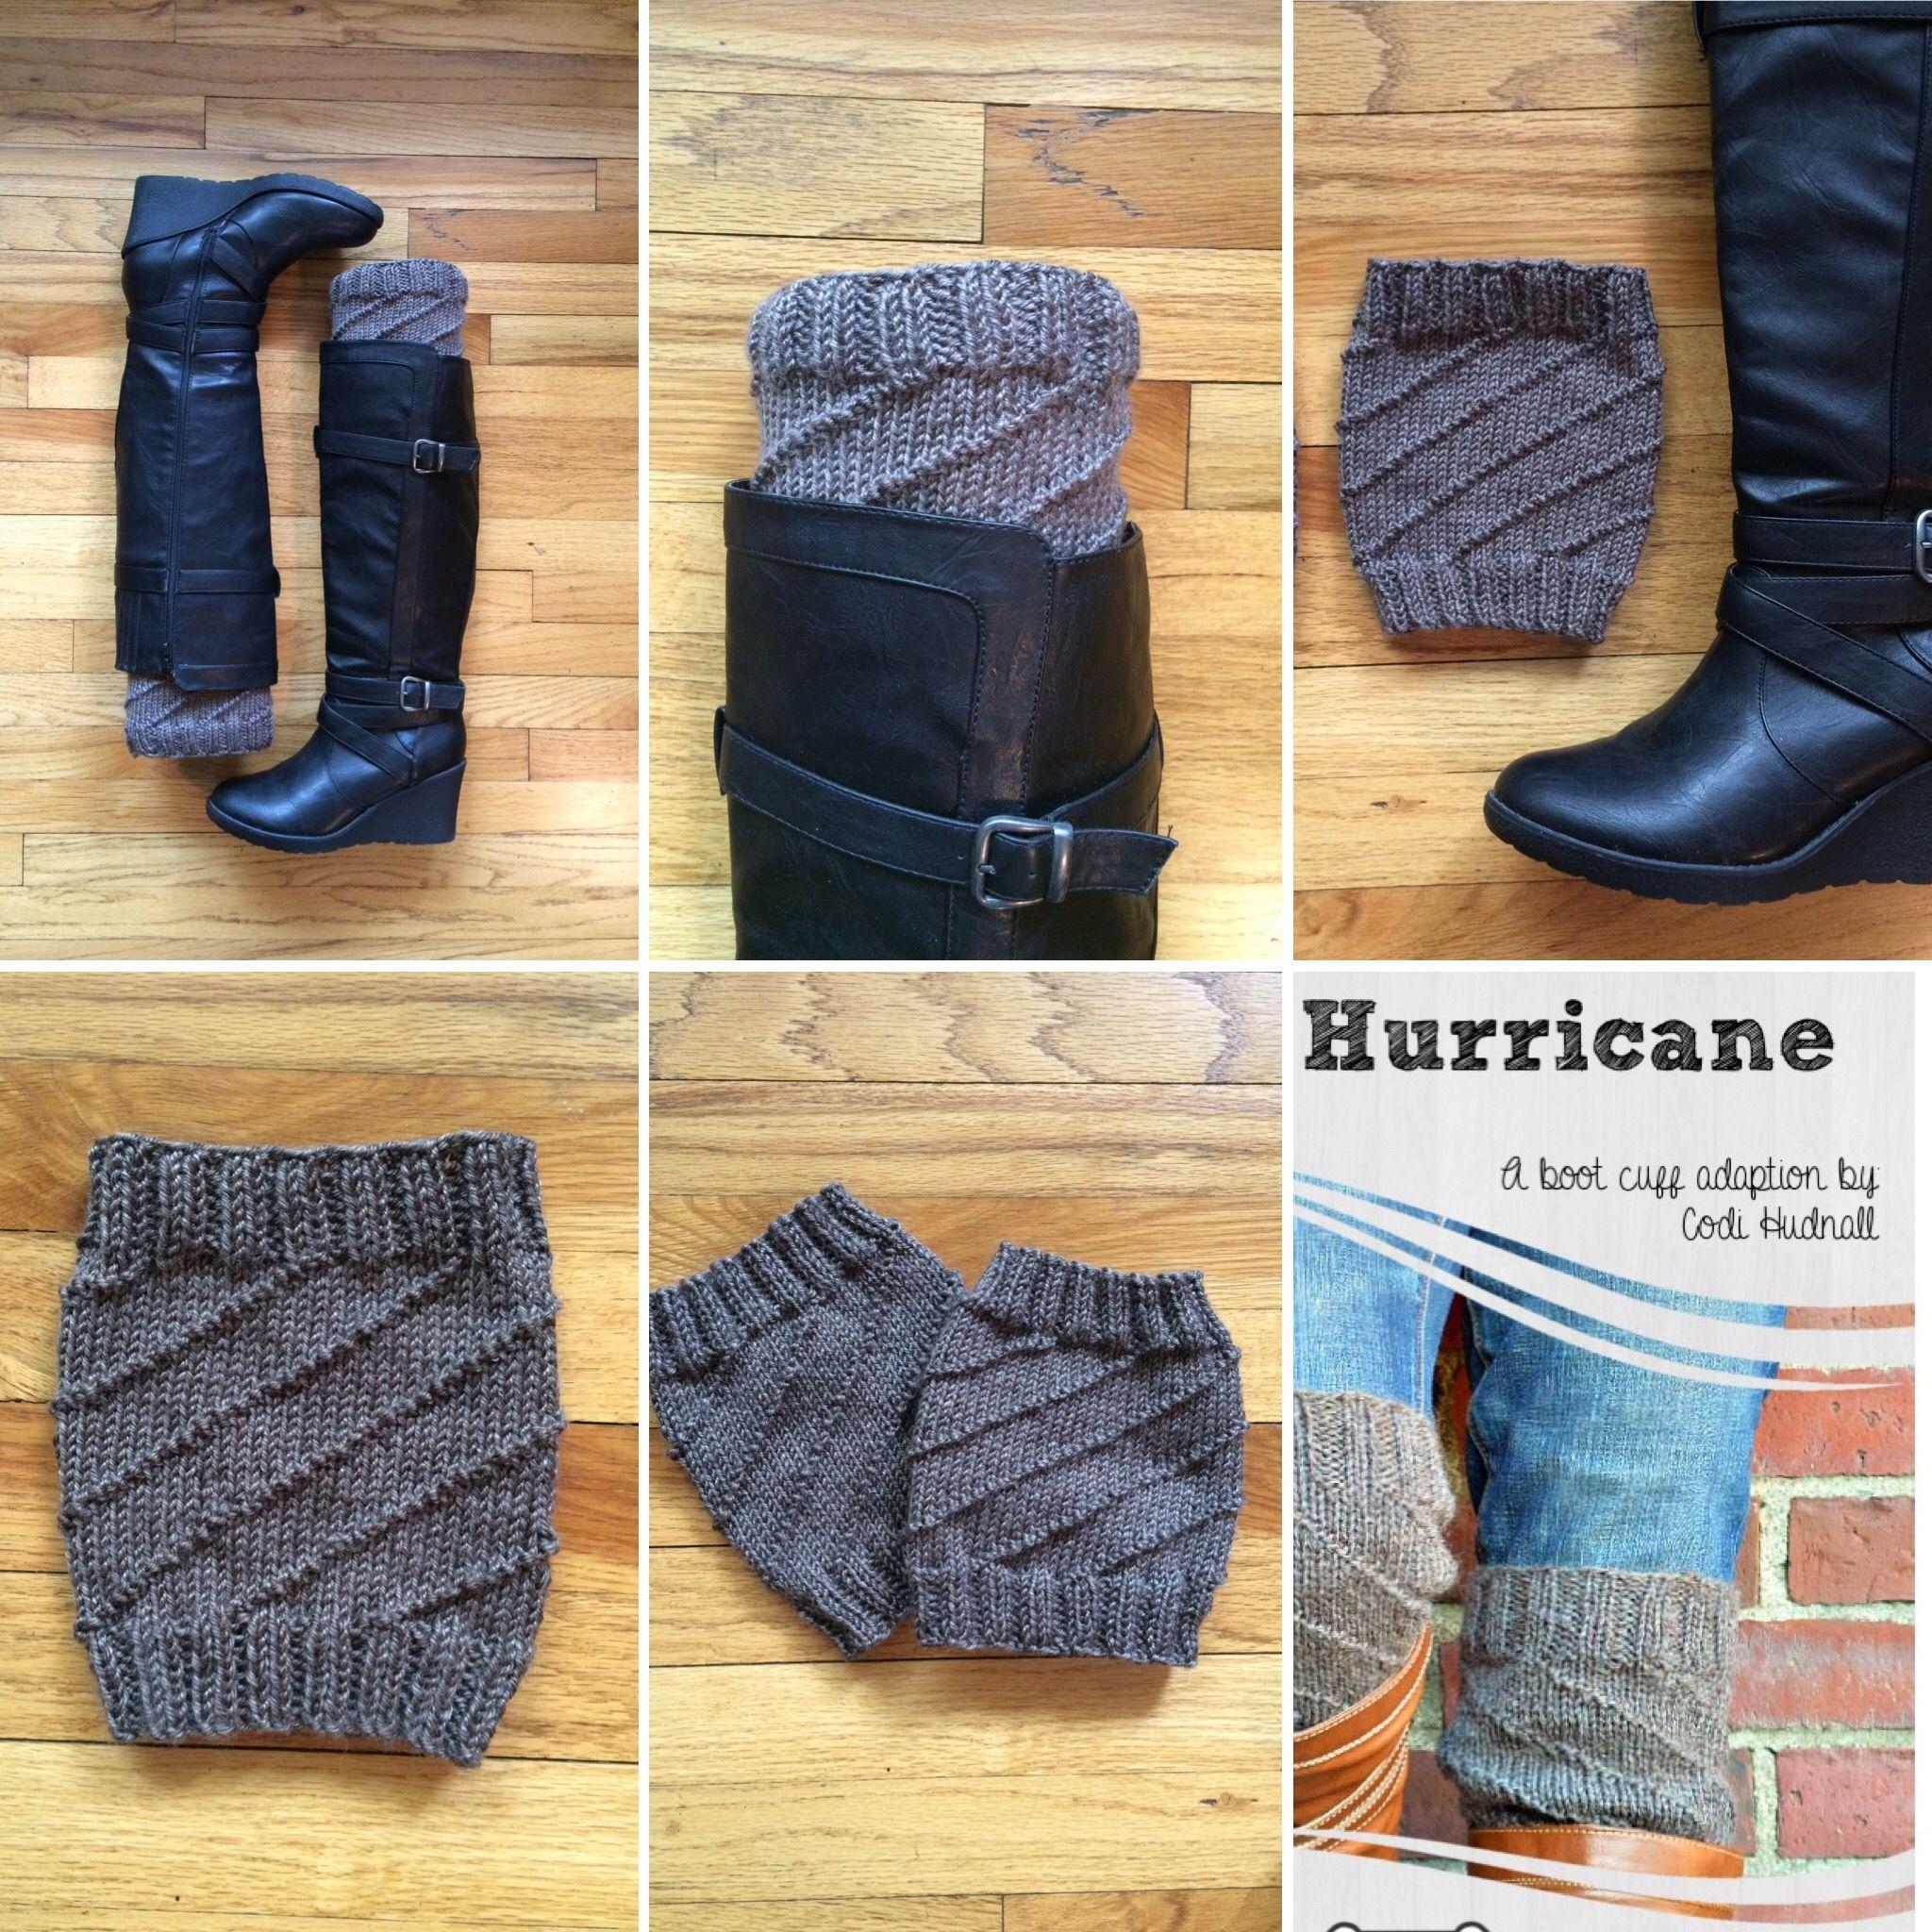 Knitted boot cuffs! Free pattern: Hurricane by Codi Hudnall on ...